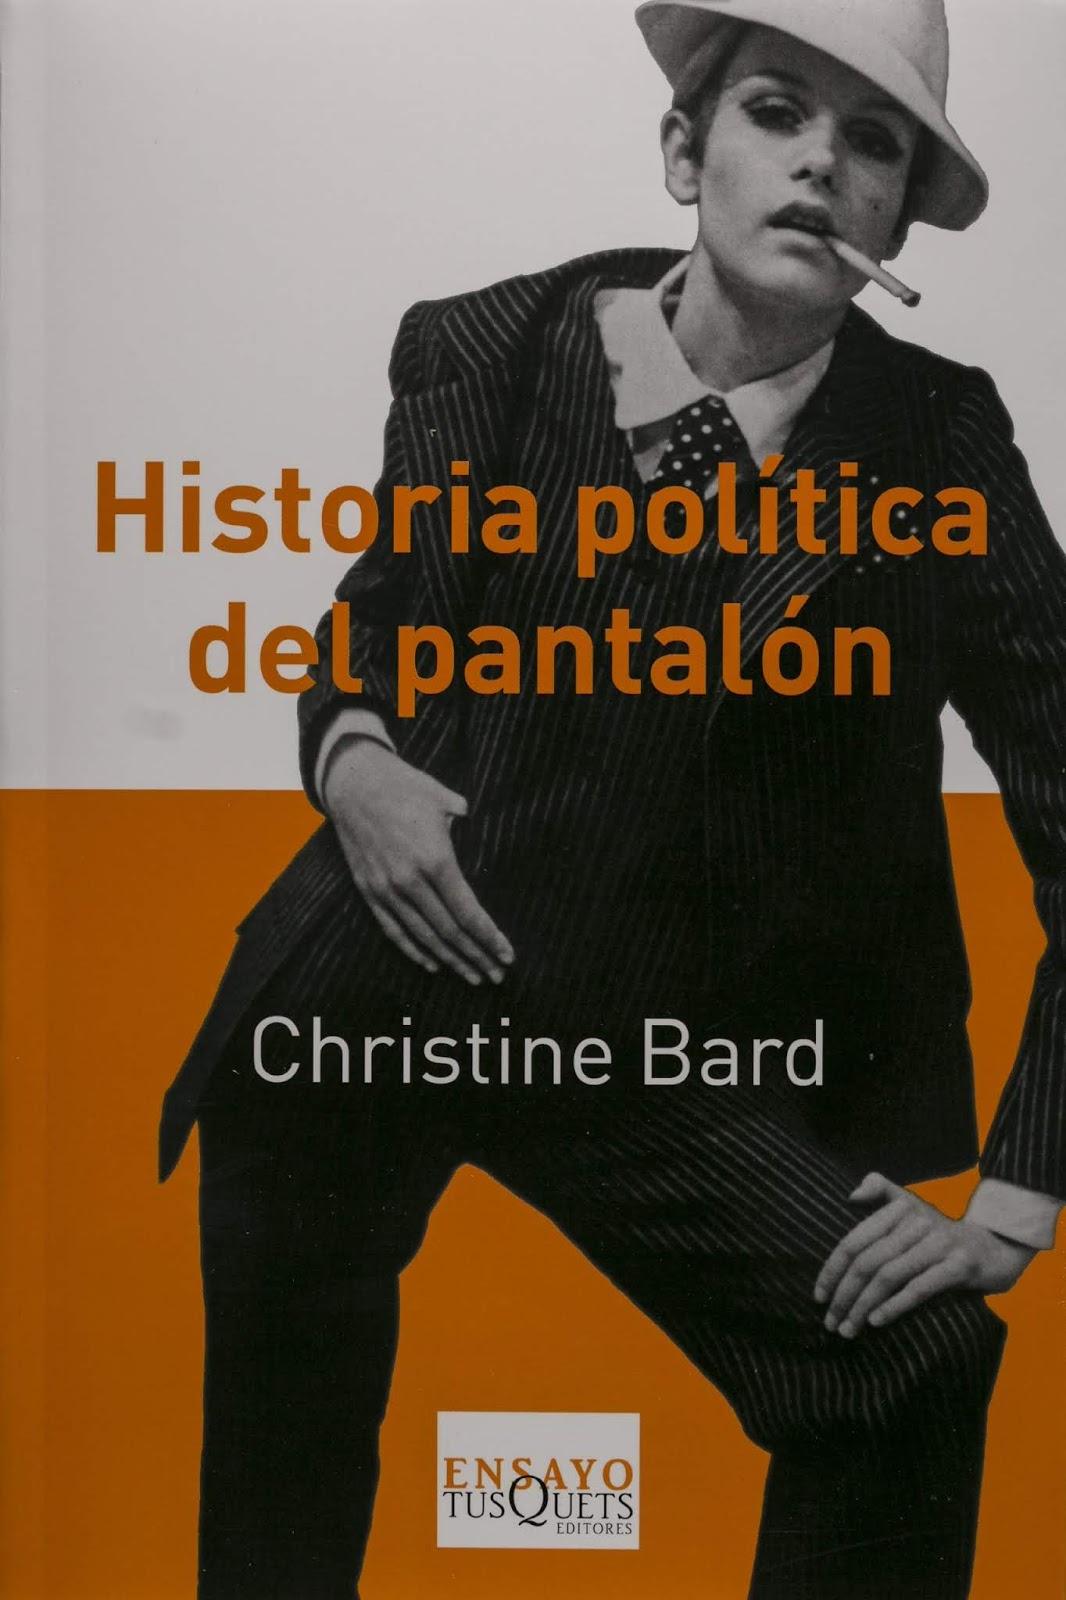 portada de libro La historia política del pantalón de Christine Bard